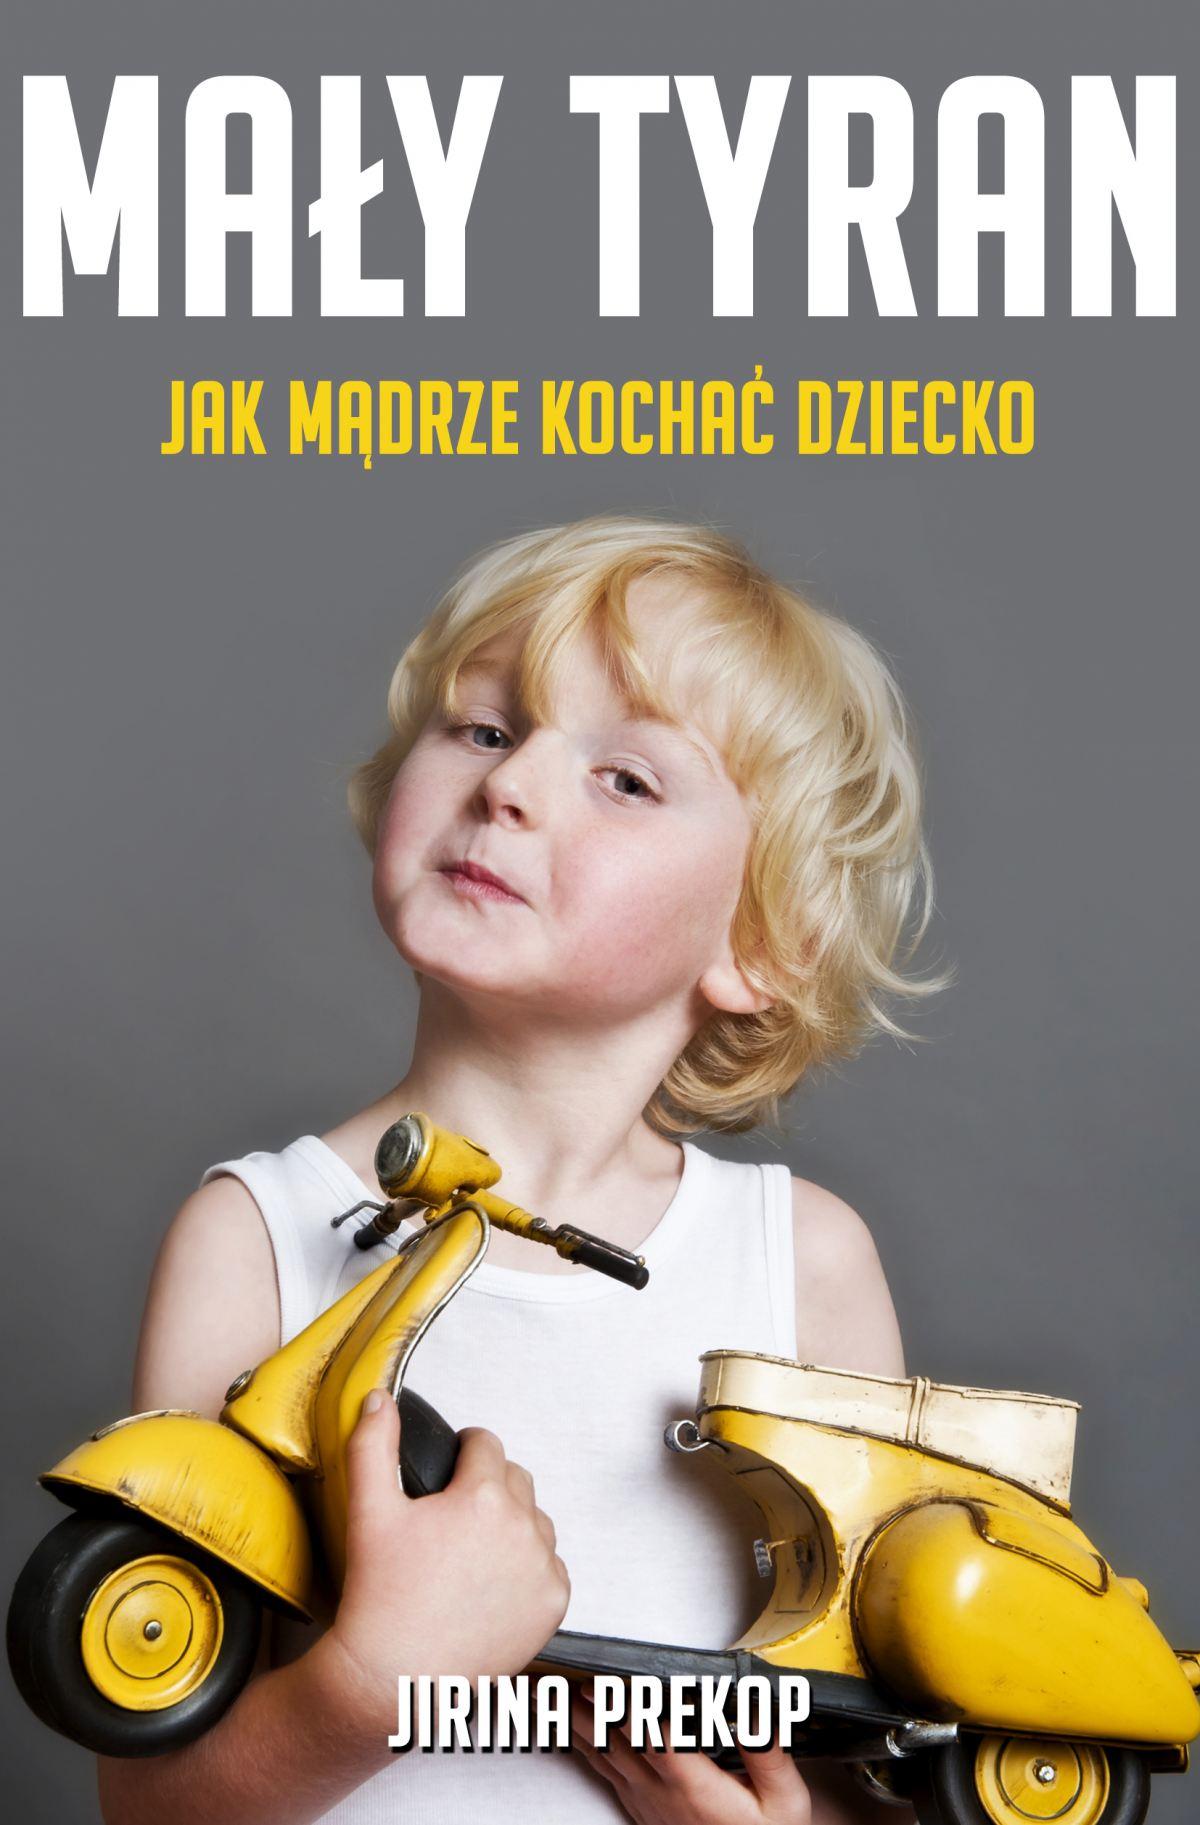 Mały tyran. Jak mądrze kochać dziecko - Ebook (Książka EPUB) do pobrania w formacie EPUB